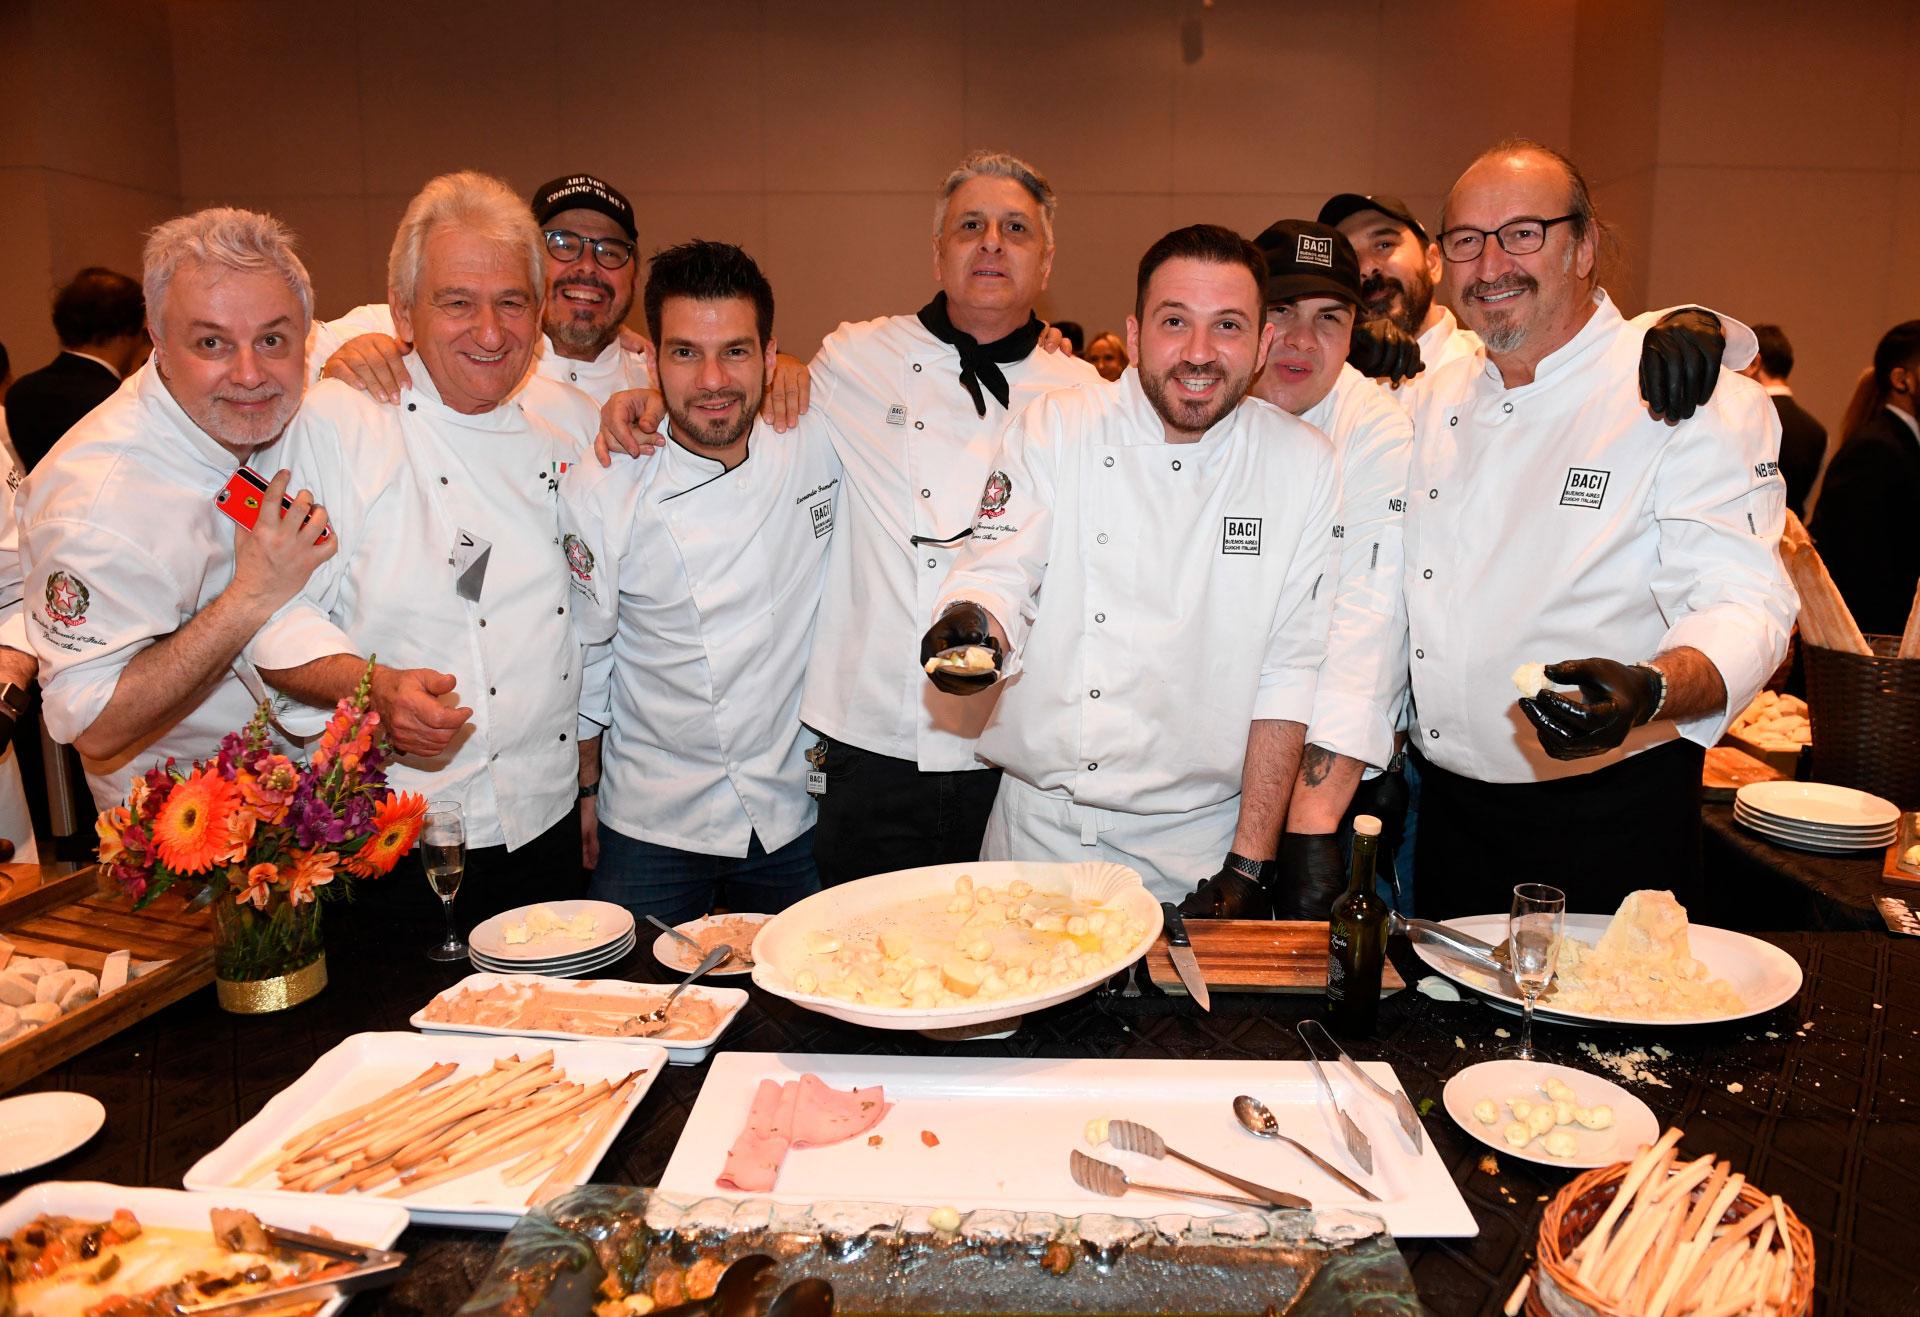 Este evento permite a los participantes deleitarse con excelentes platos, preparados por los cocineros italianos que integran BACI (Buenos Aires Cocineros Italianos), que representan la excelencia de la cocina de Italia en Buenos Aires y, paralelamente, contribuir con una causa justa. Los cocineros que participaron fueron: Mauro Crivellin de